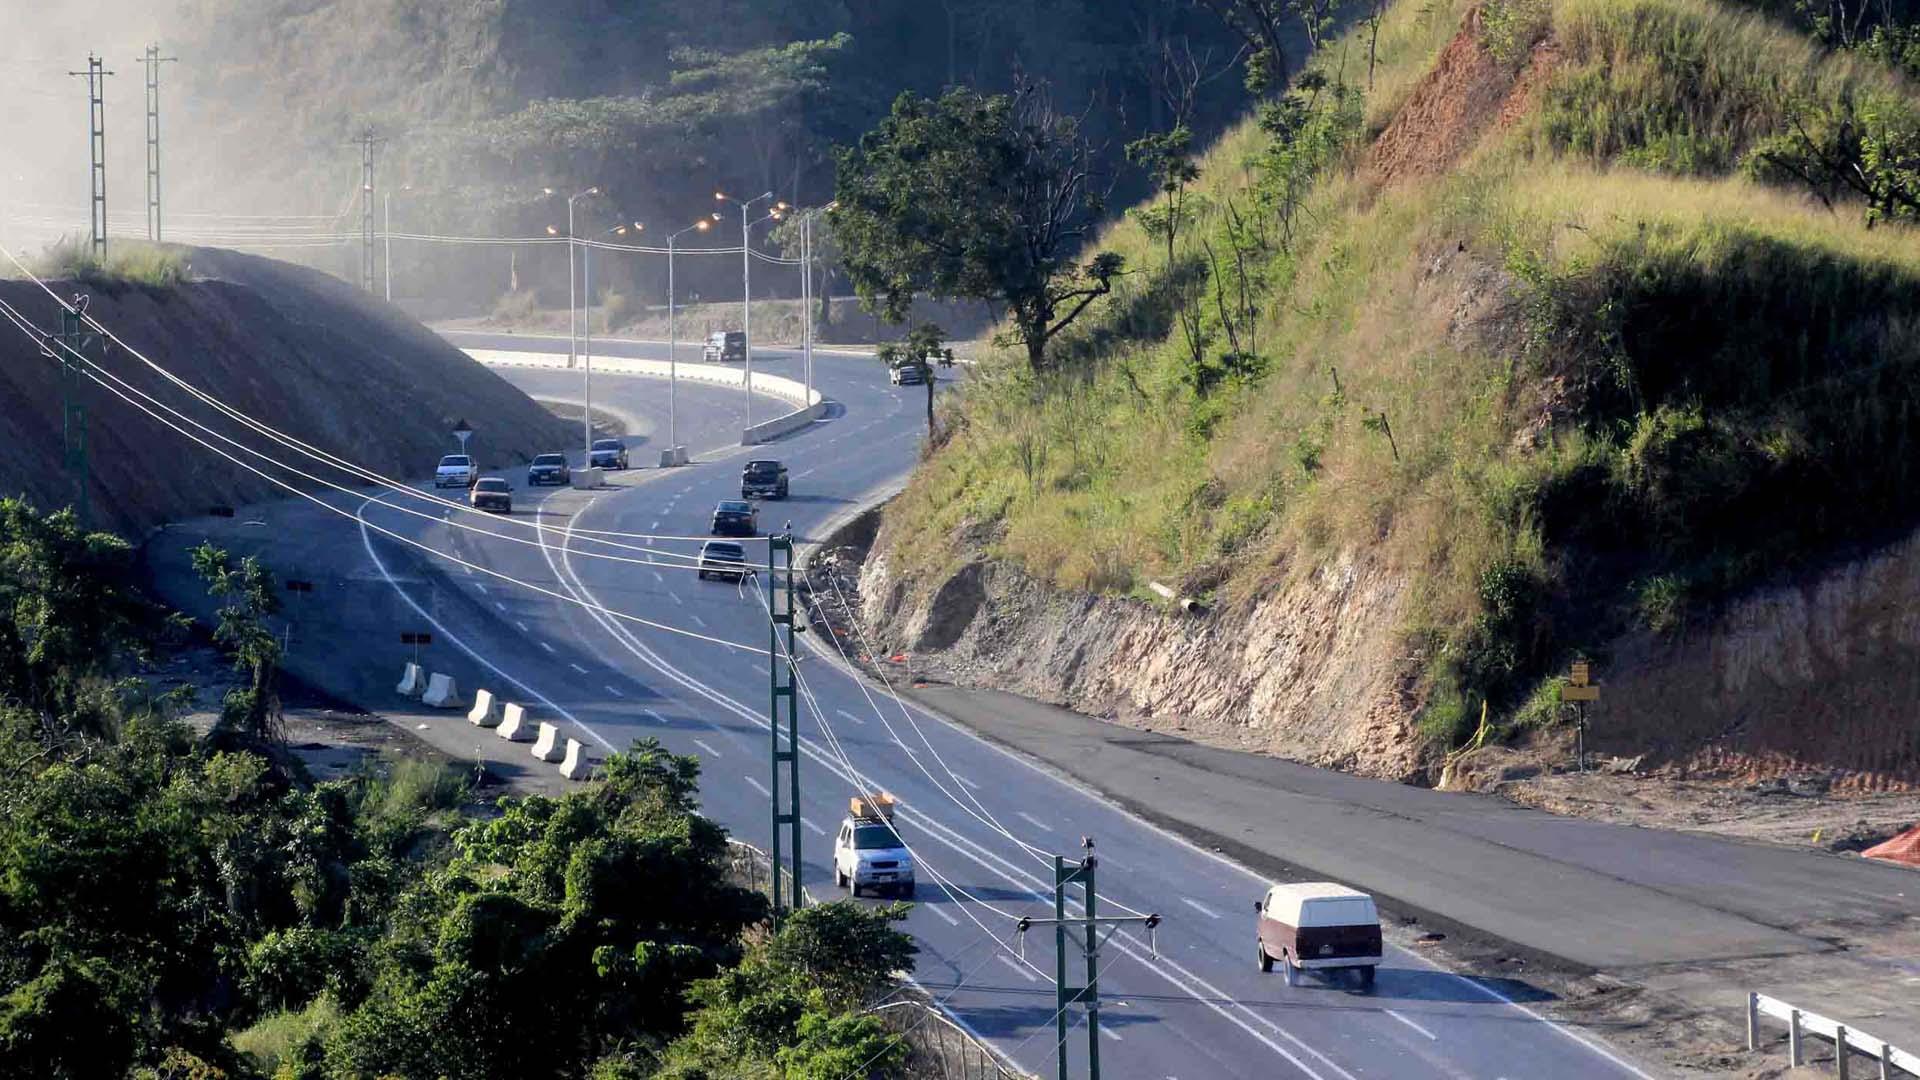 Autoridades informaron que efectivos de la PNB y del INTT brindarán mayor resguardo a los conductores que transiten por el canal de contra-flujo